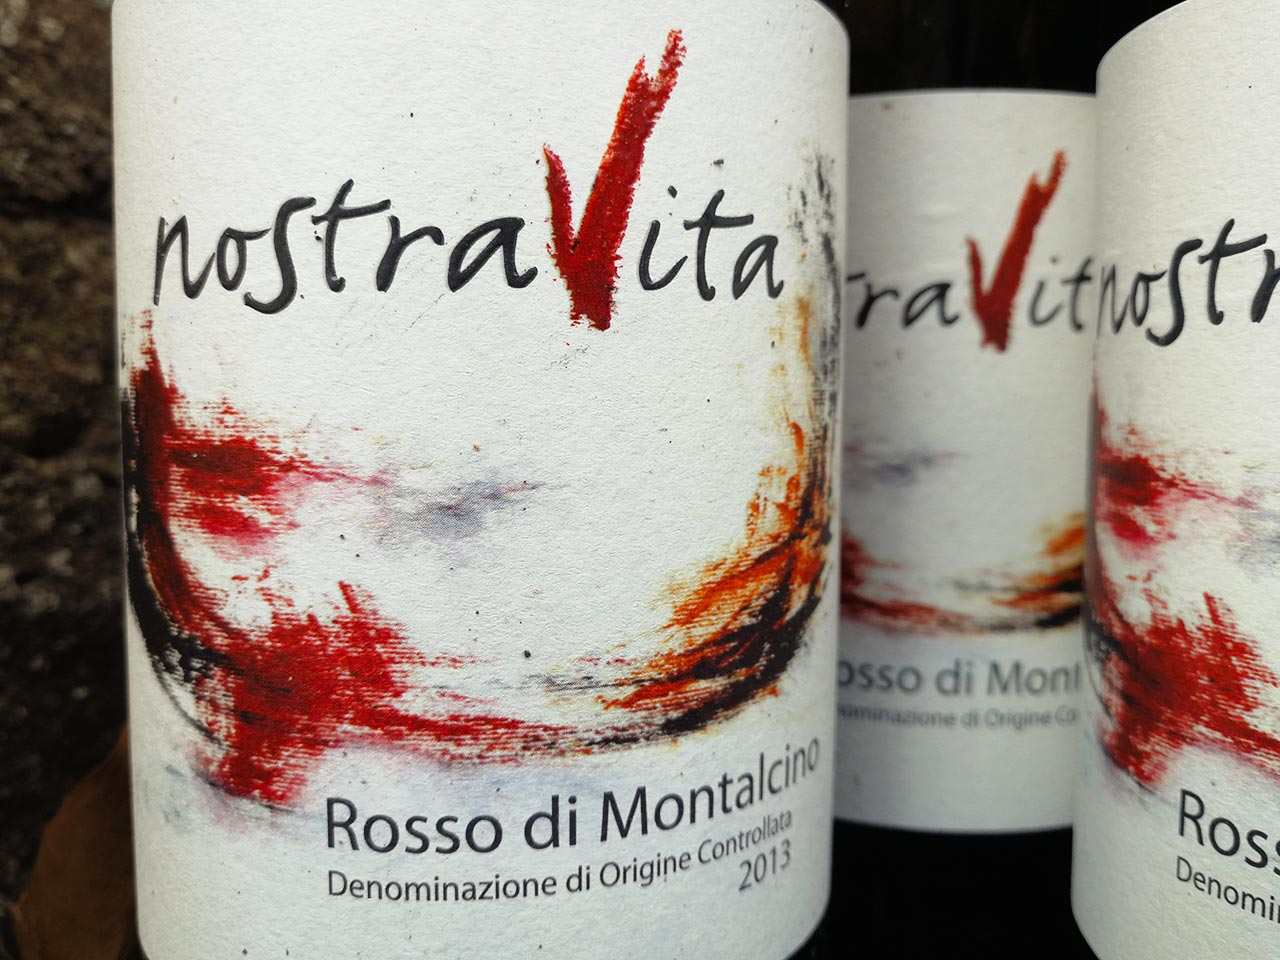 Rosso di Montalcino DOC NostraVita